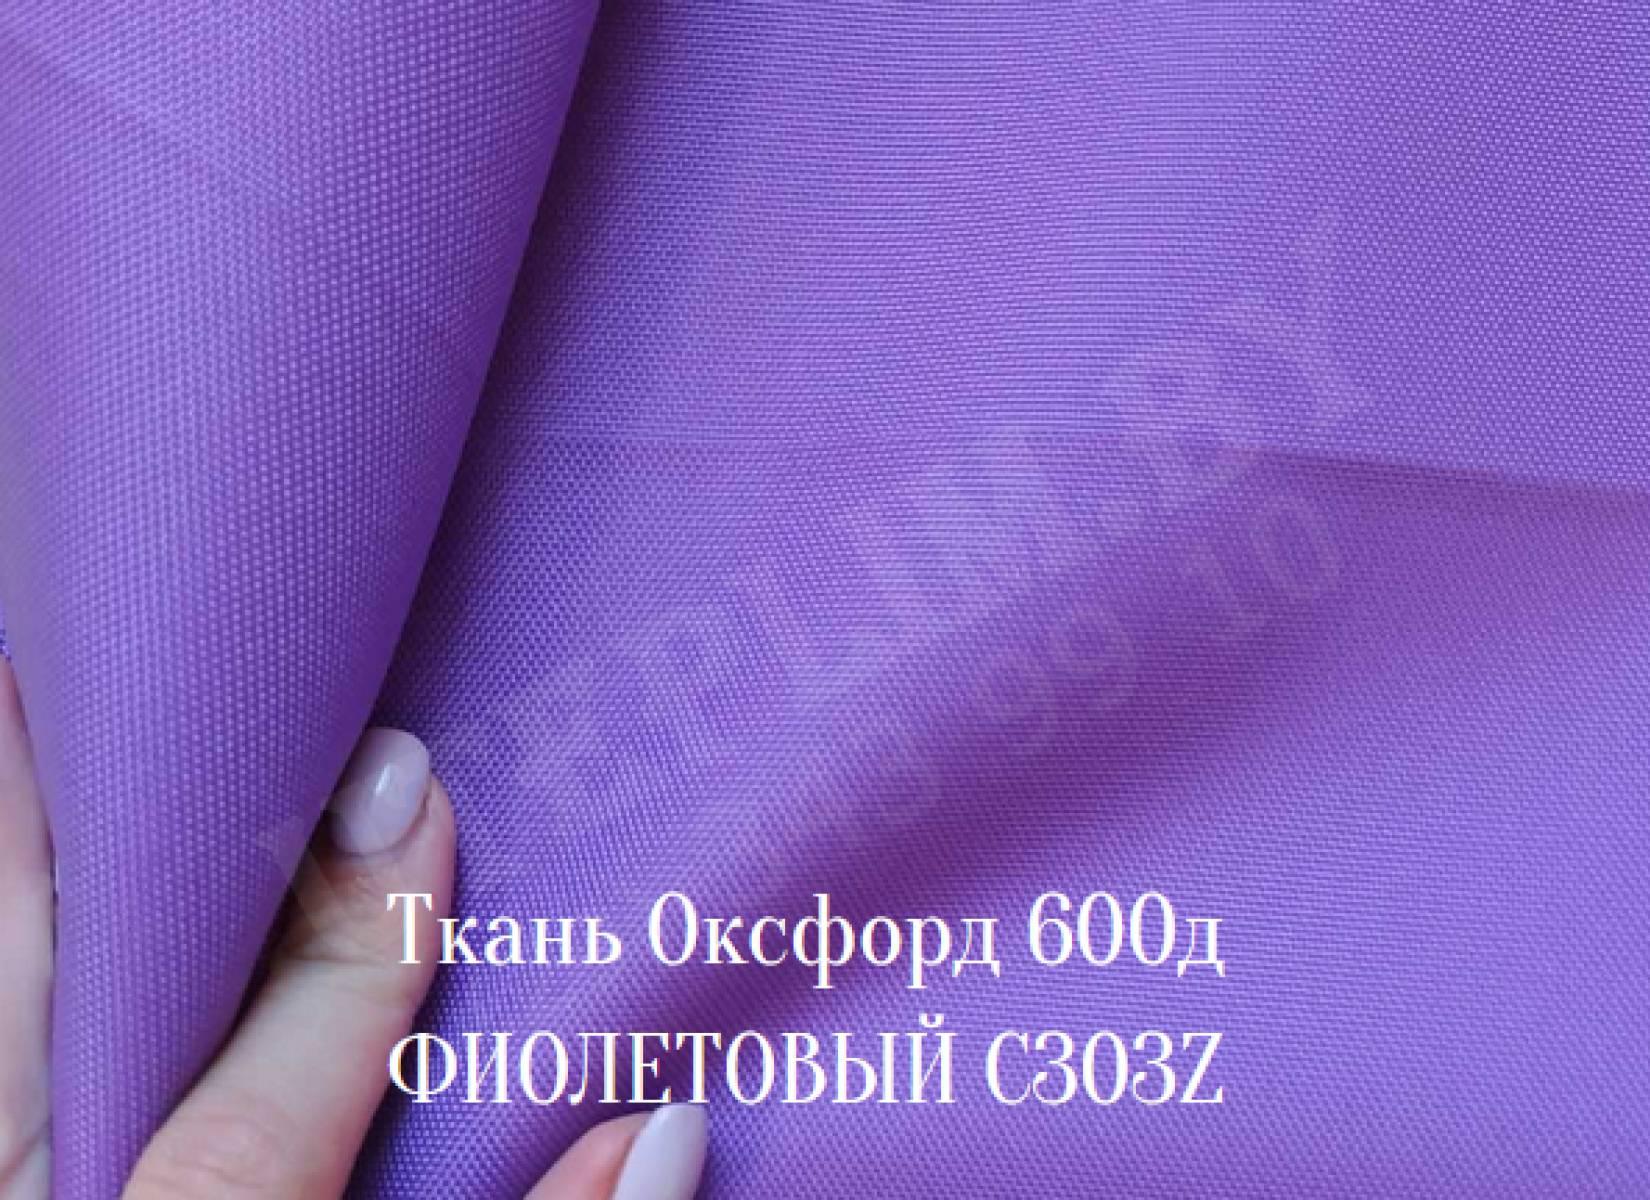 600д - фиолетовый с303Z